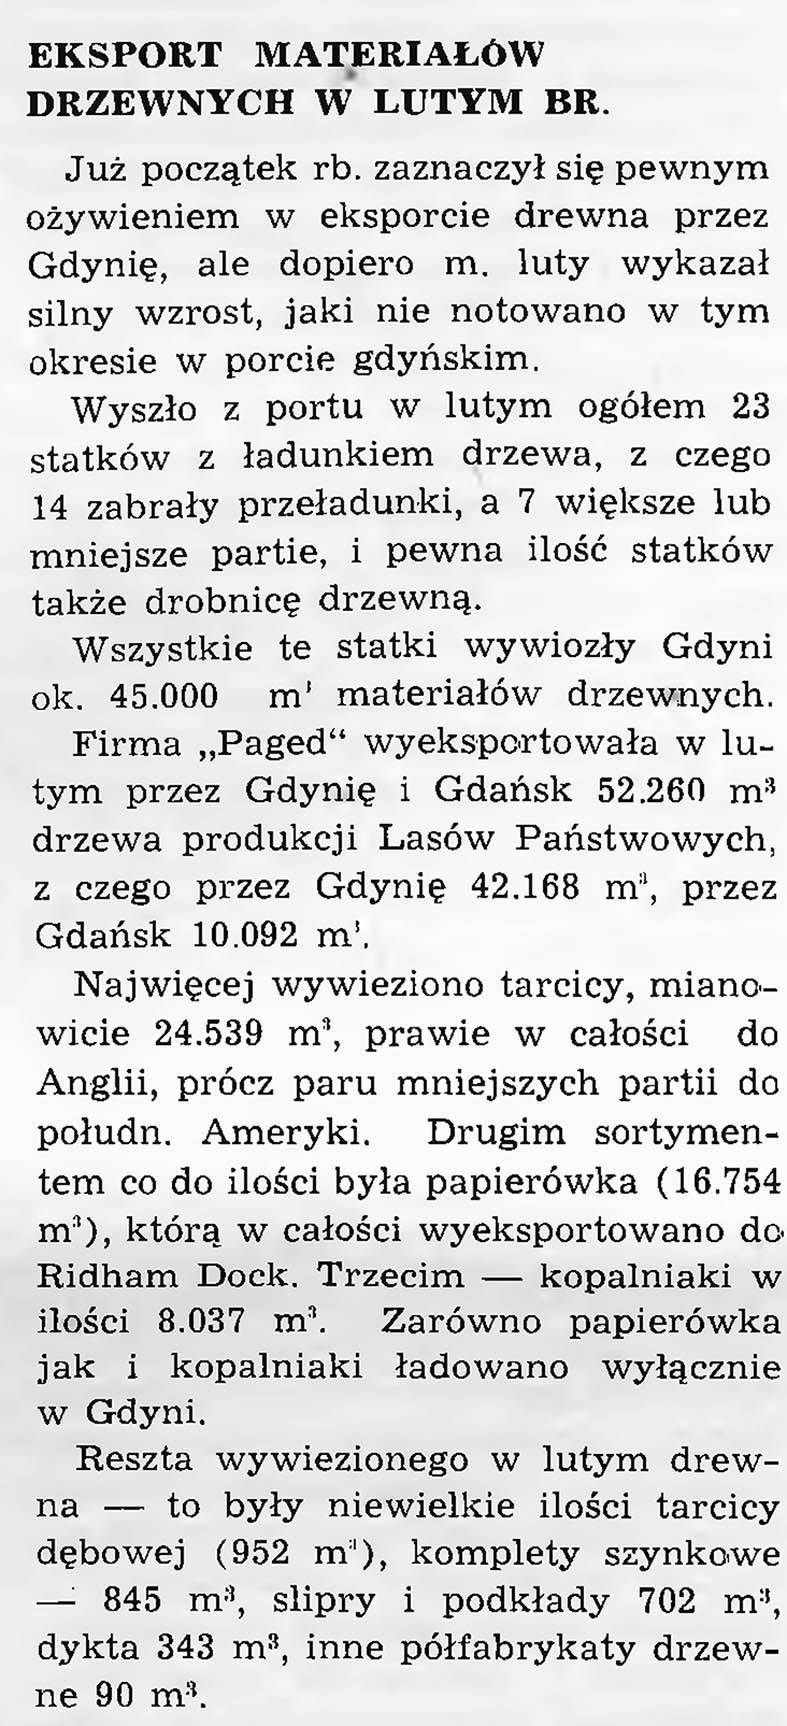 Eksport materiałów drzewnych  w lutym br. [1938]